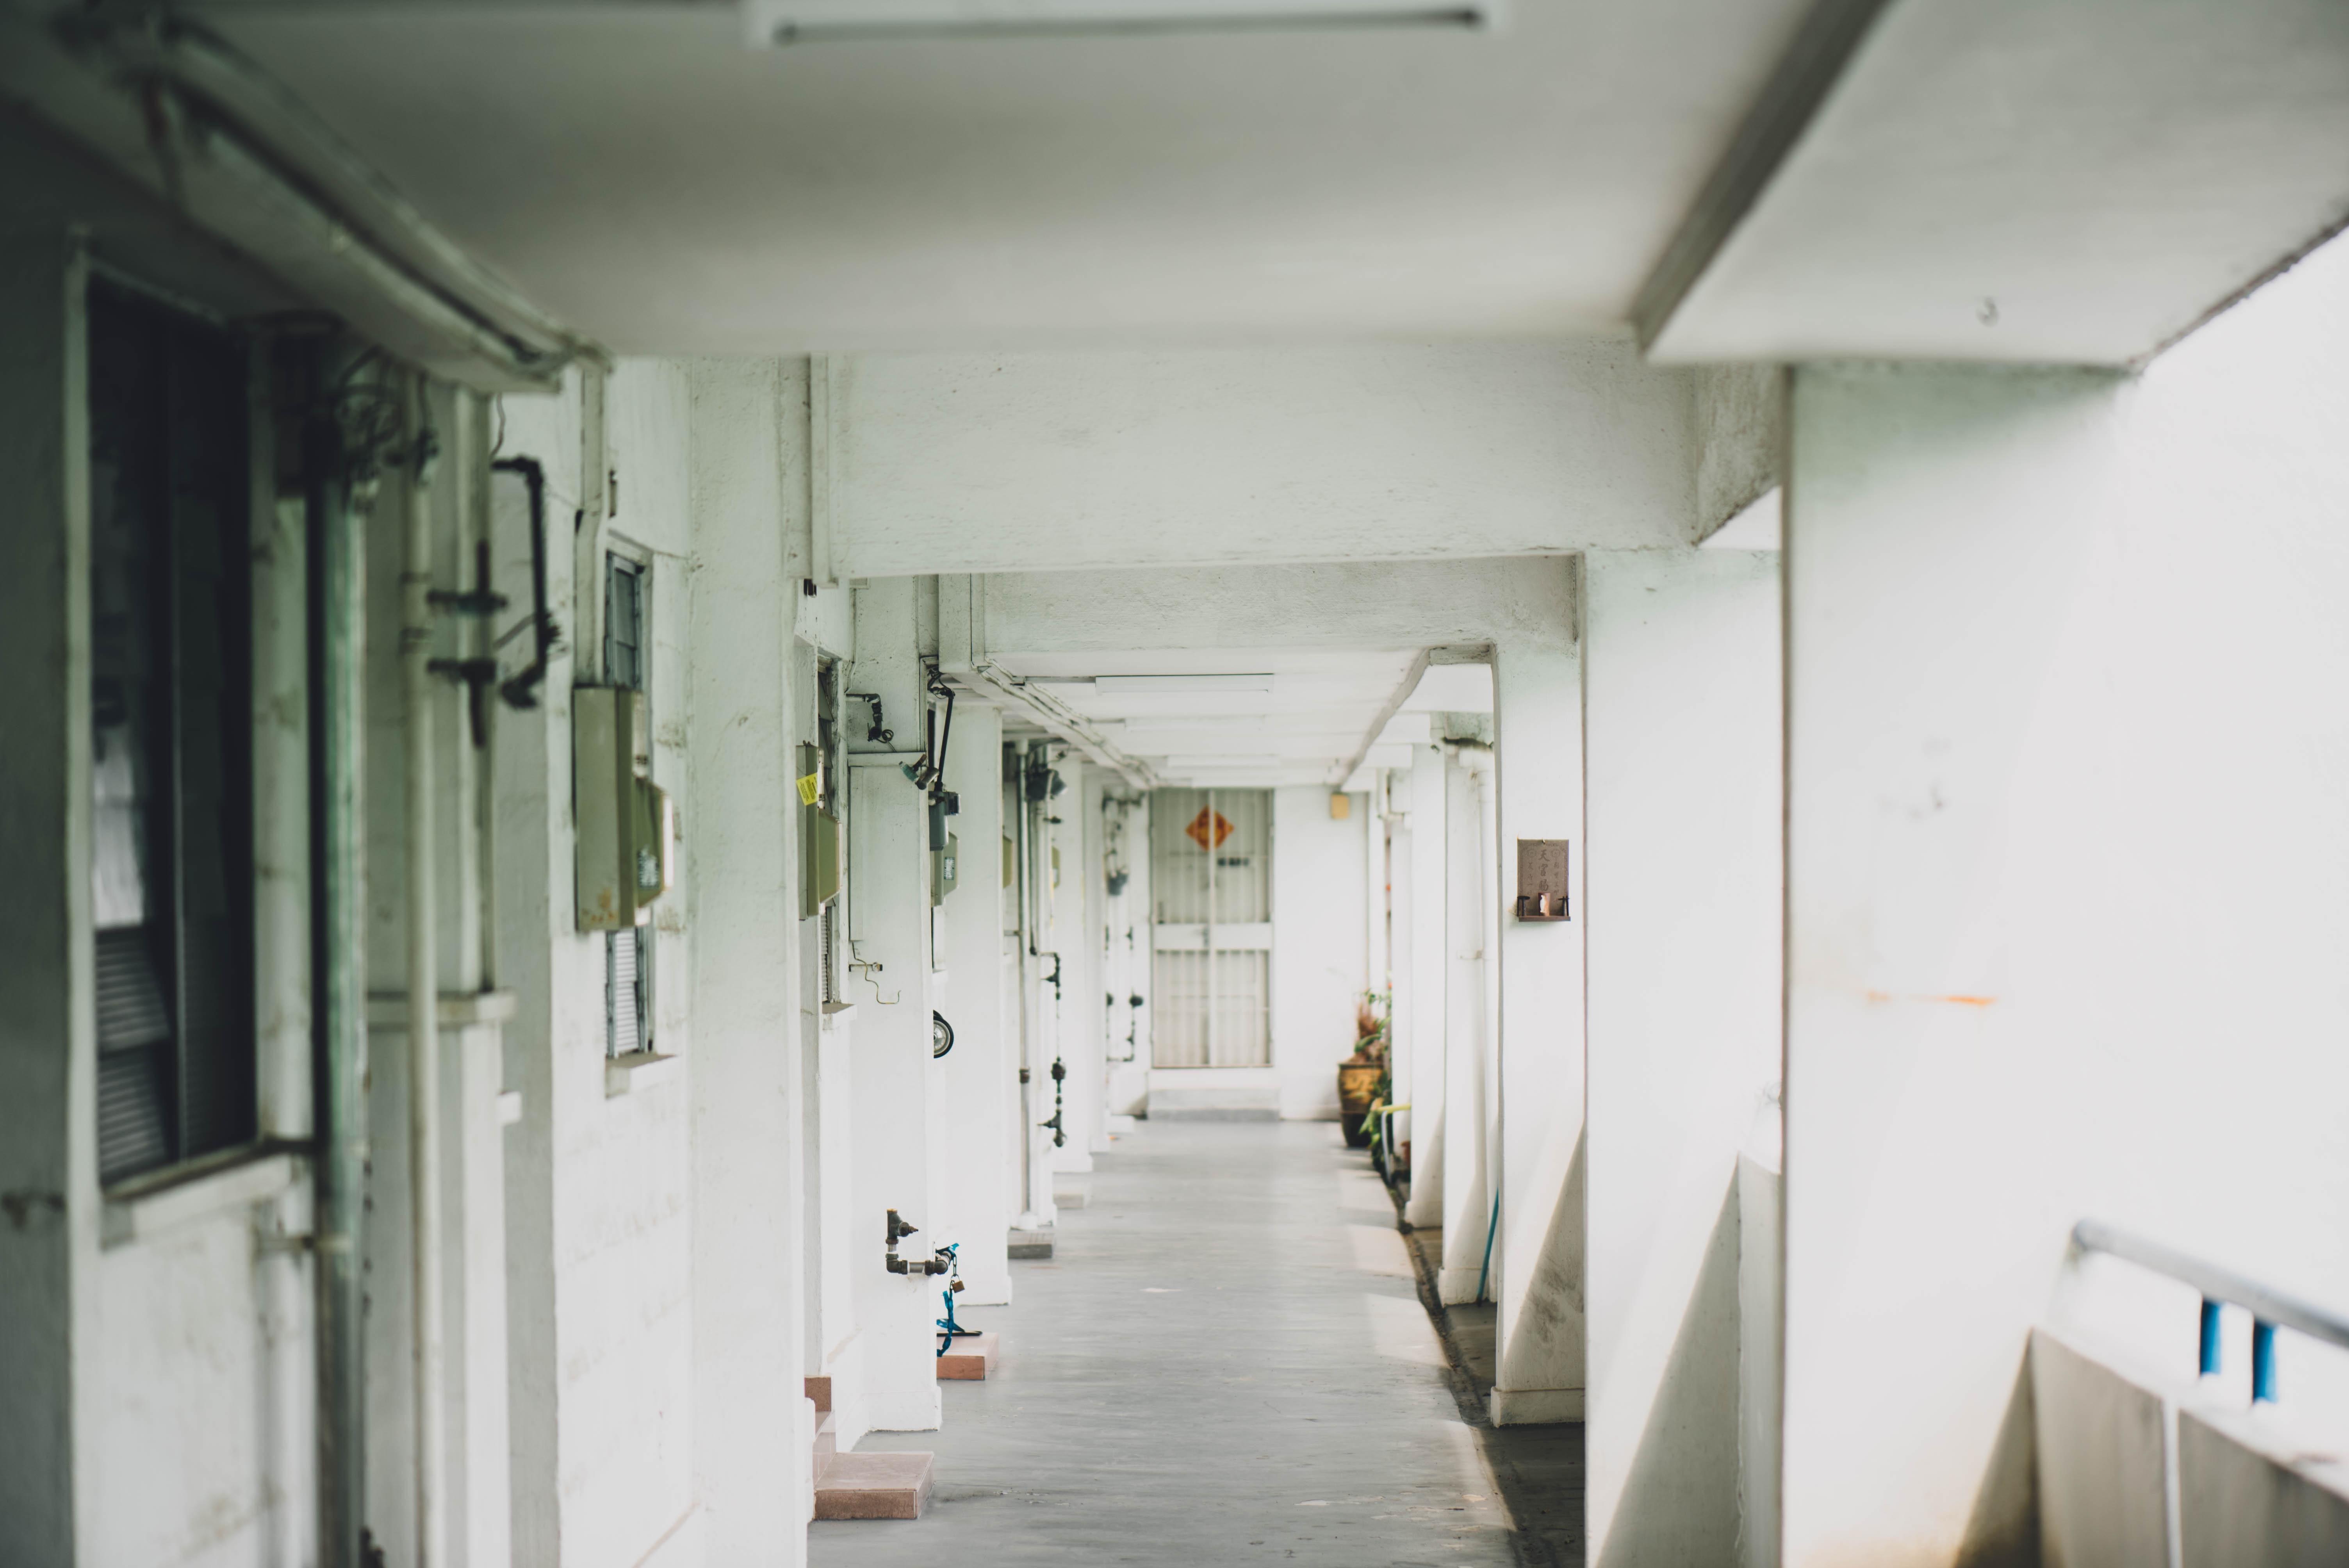 Innenarchitektur Halle kostenlose foto stock halle drinnen tür innenarchitektur